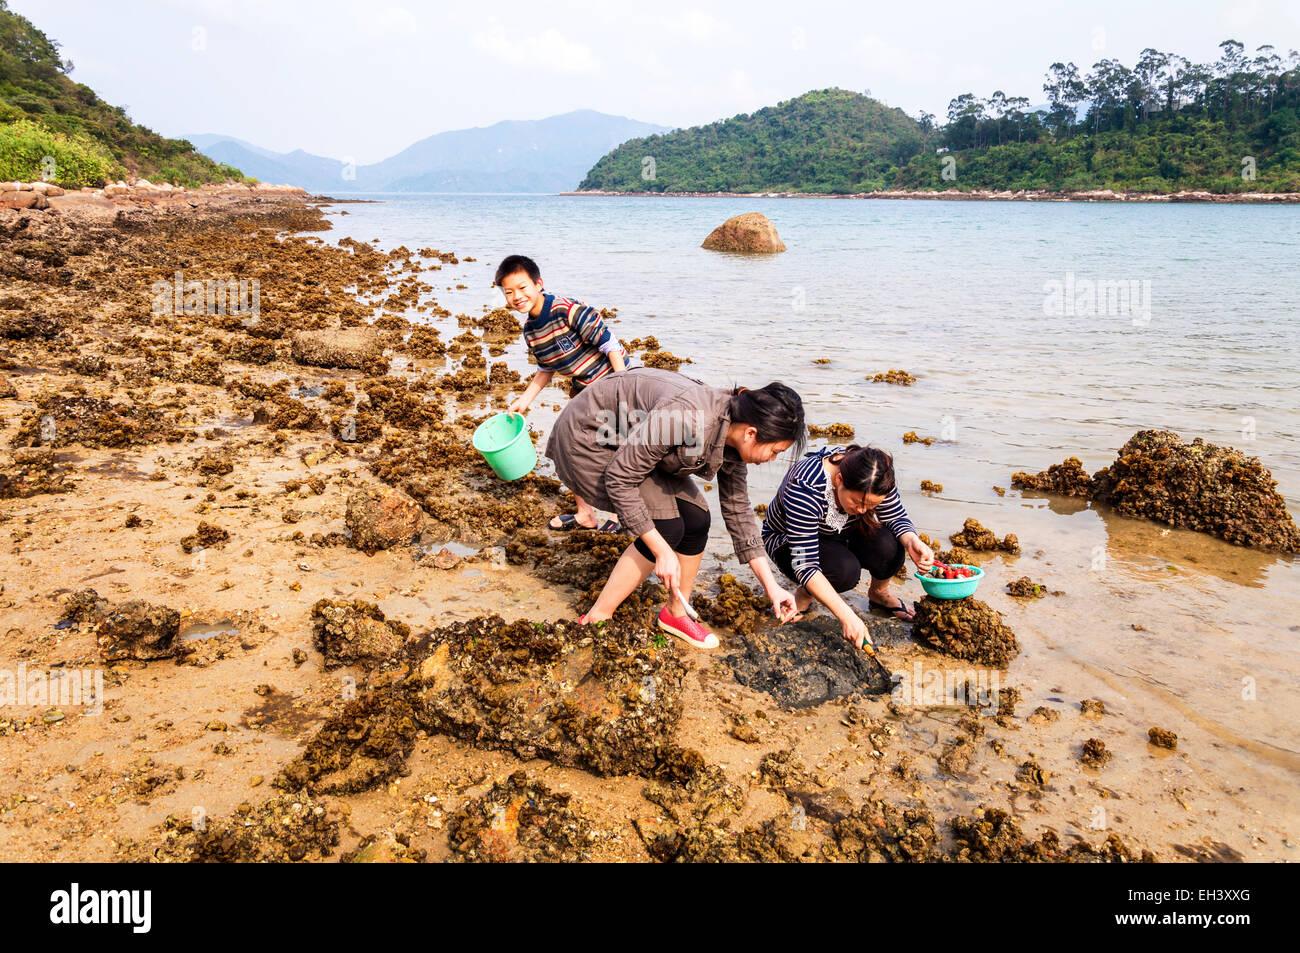 People children digging for shellfish at Star Fish Bay, New Territories, Hong Kong SAR - Stock Image